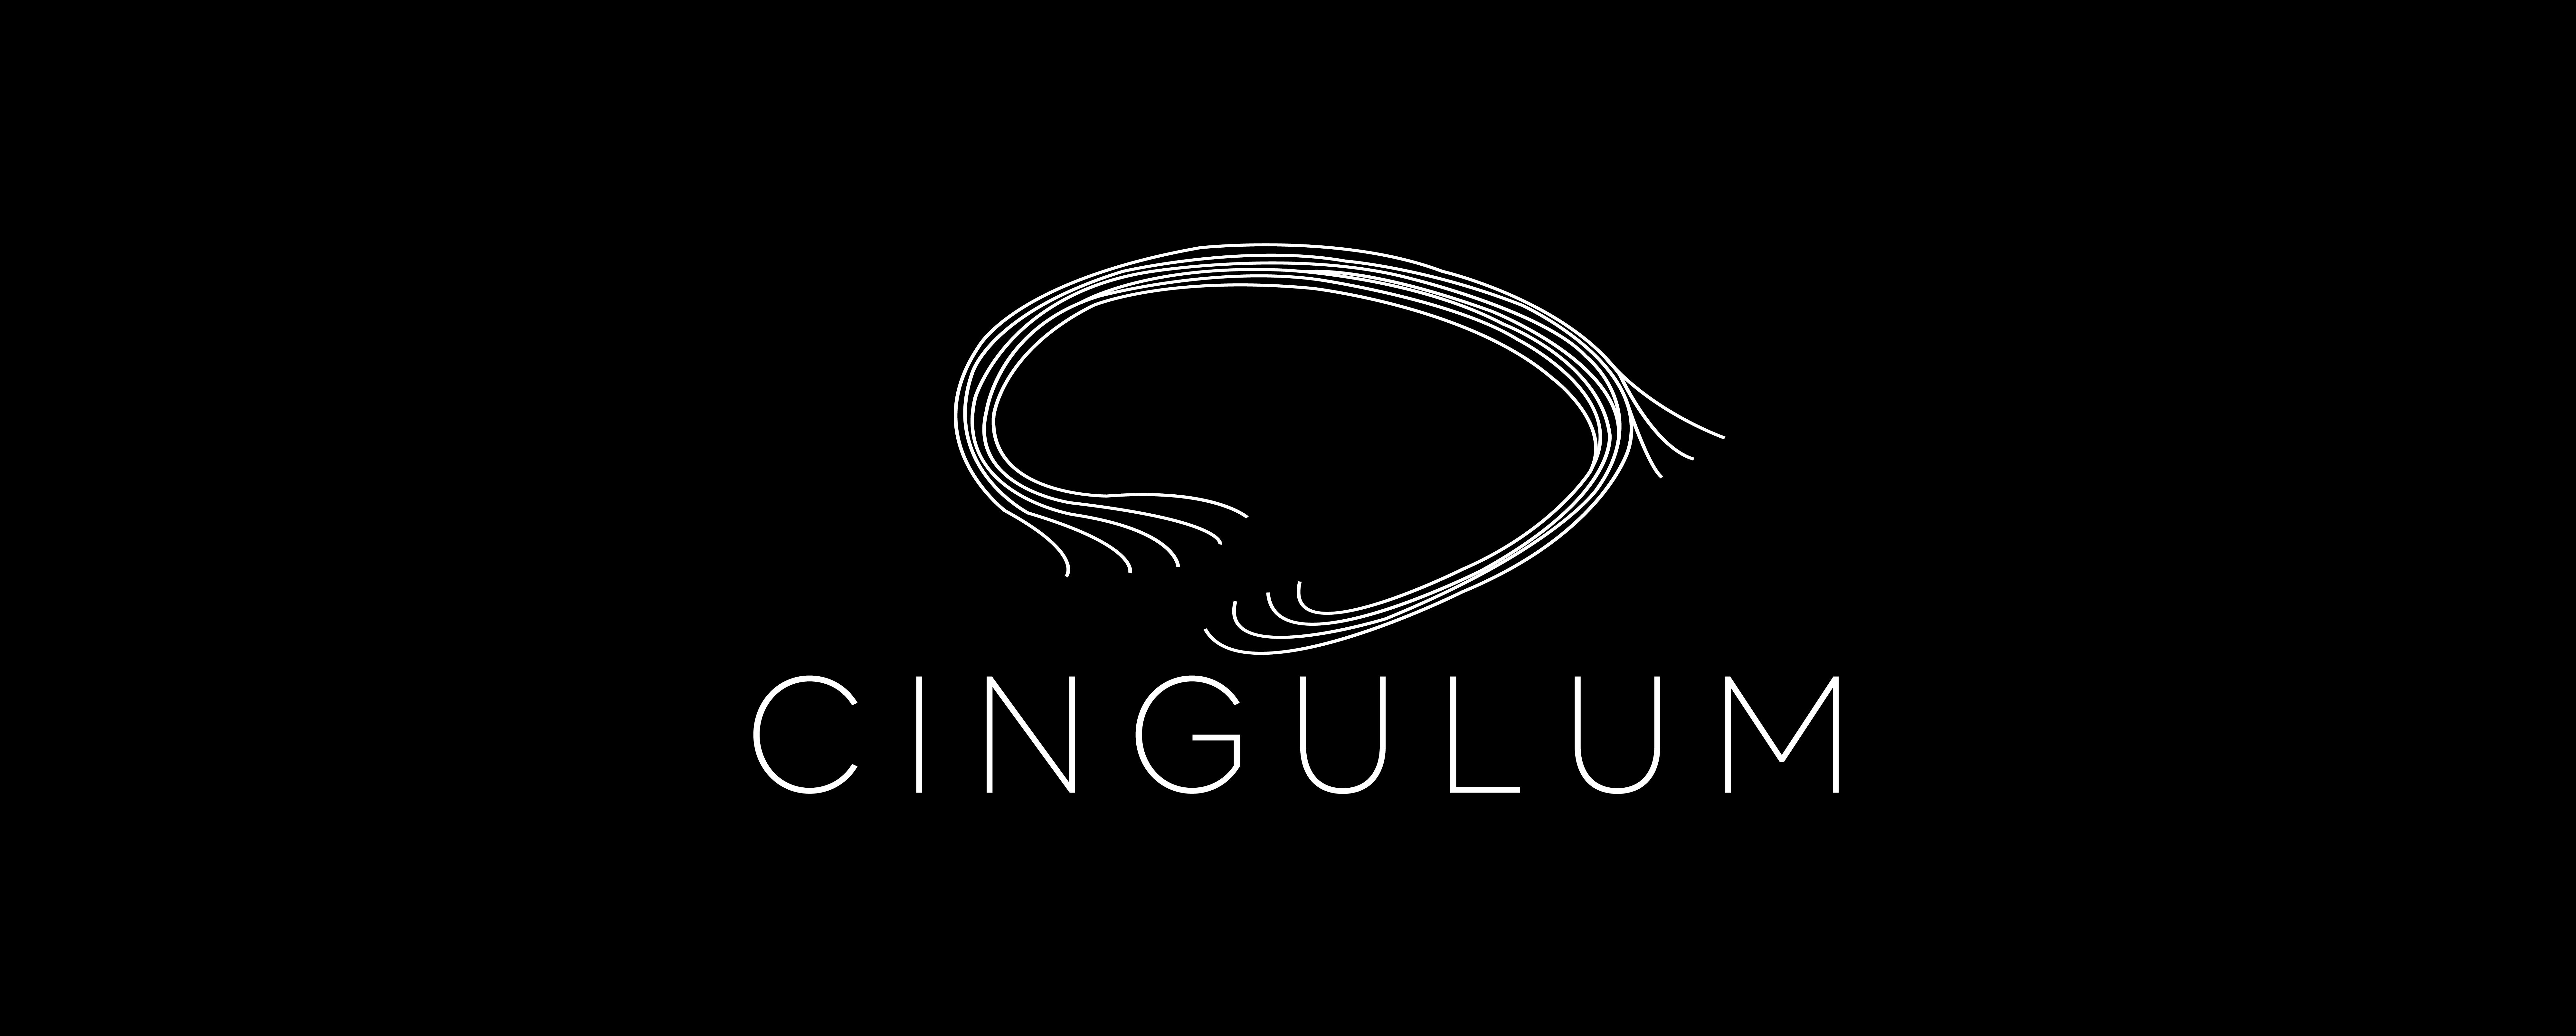 Bilde av Cingulum sin logo på sort bakgrunn